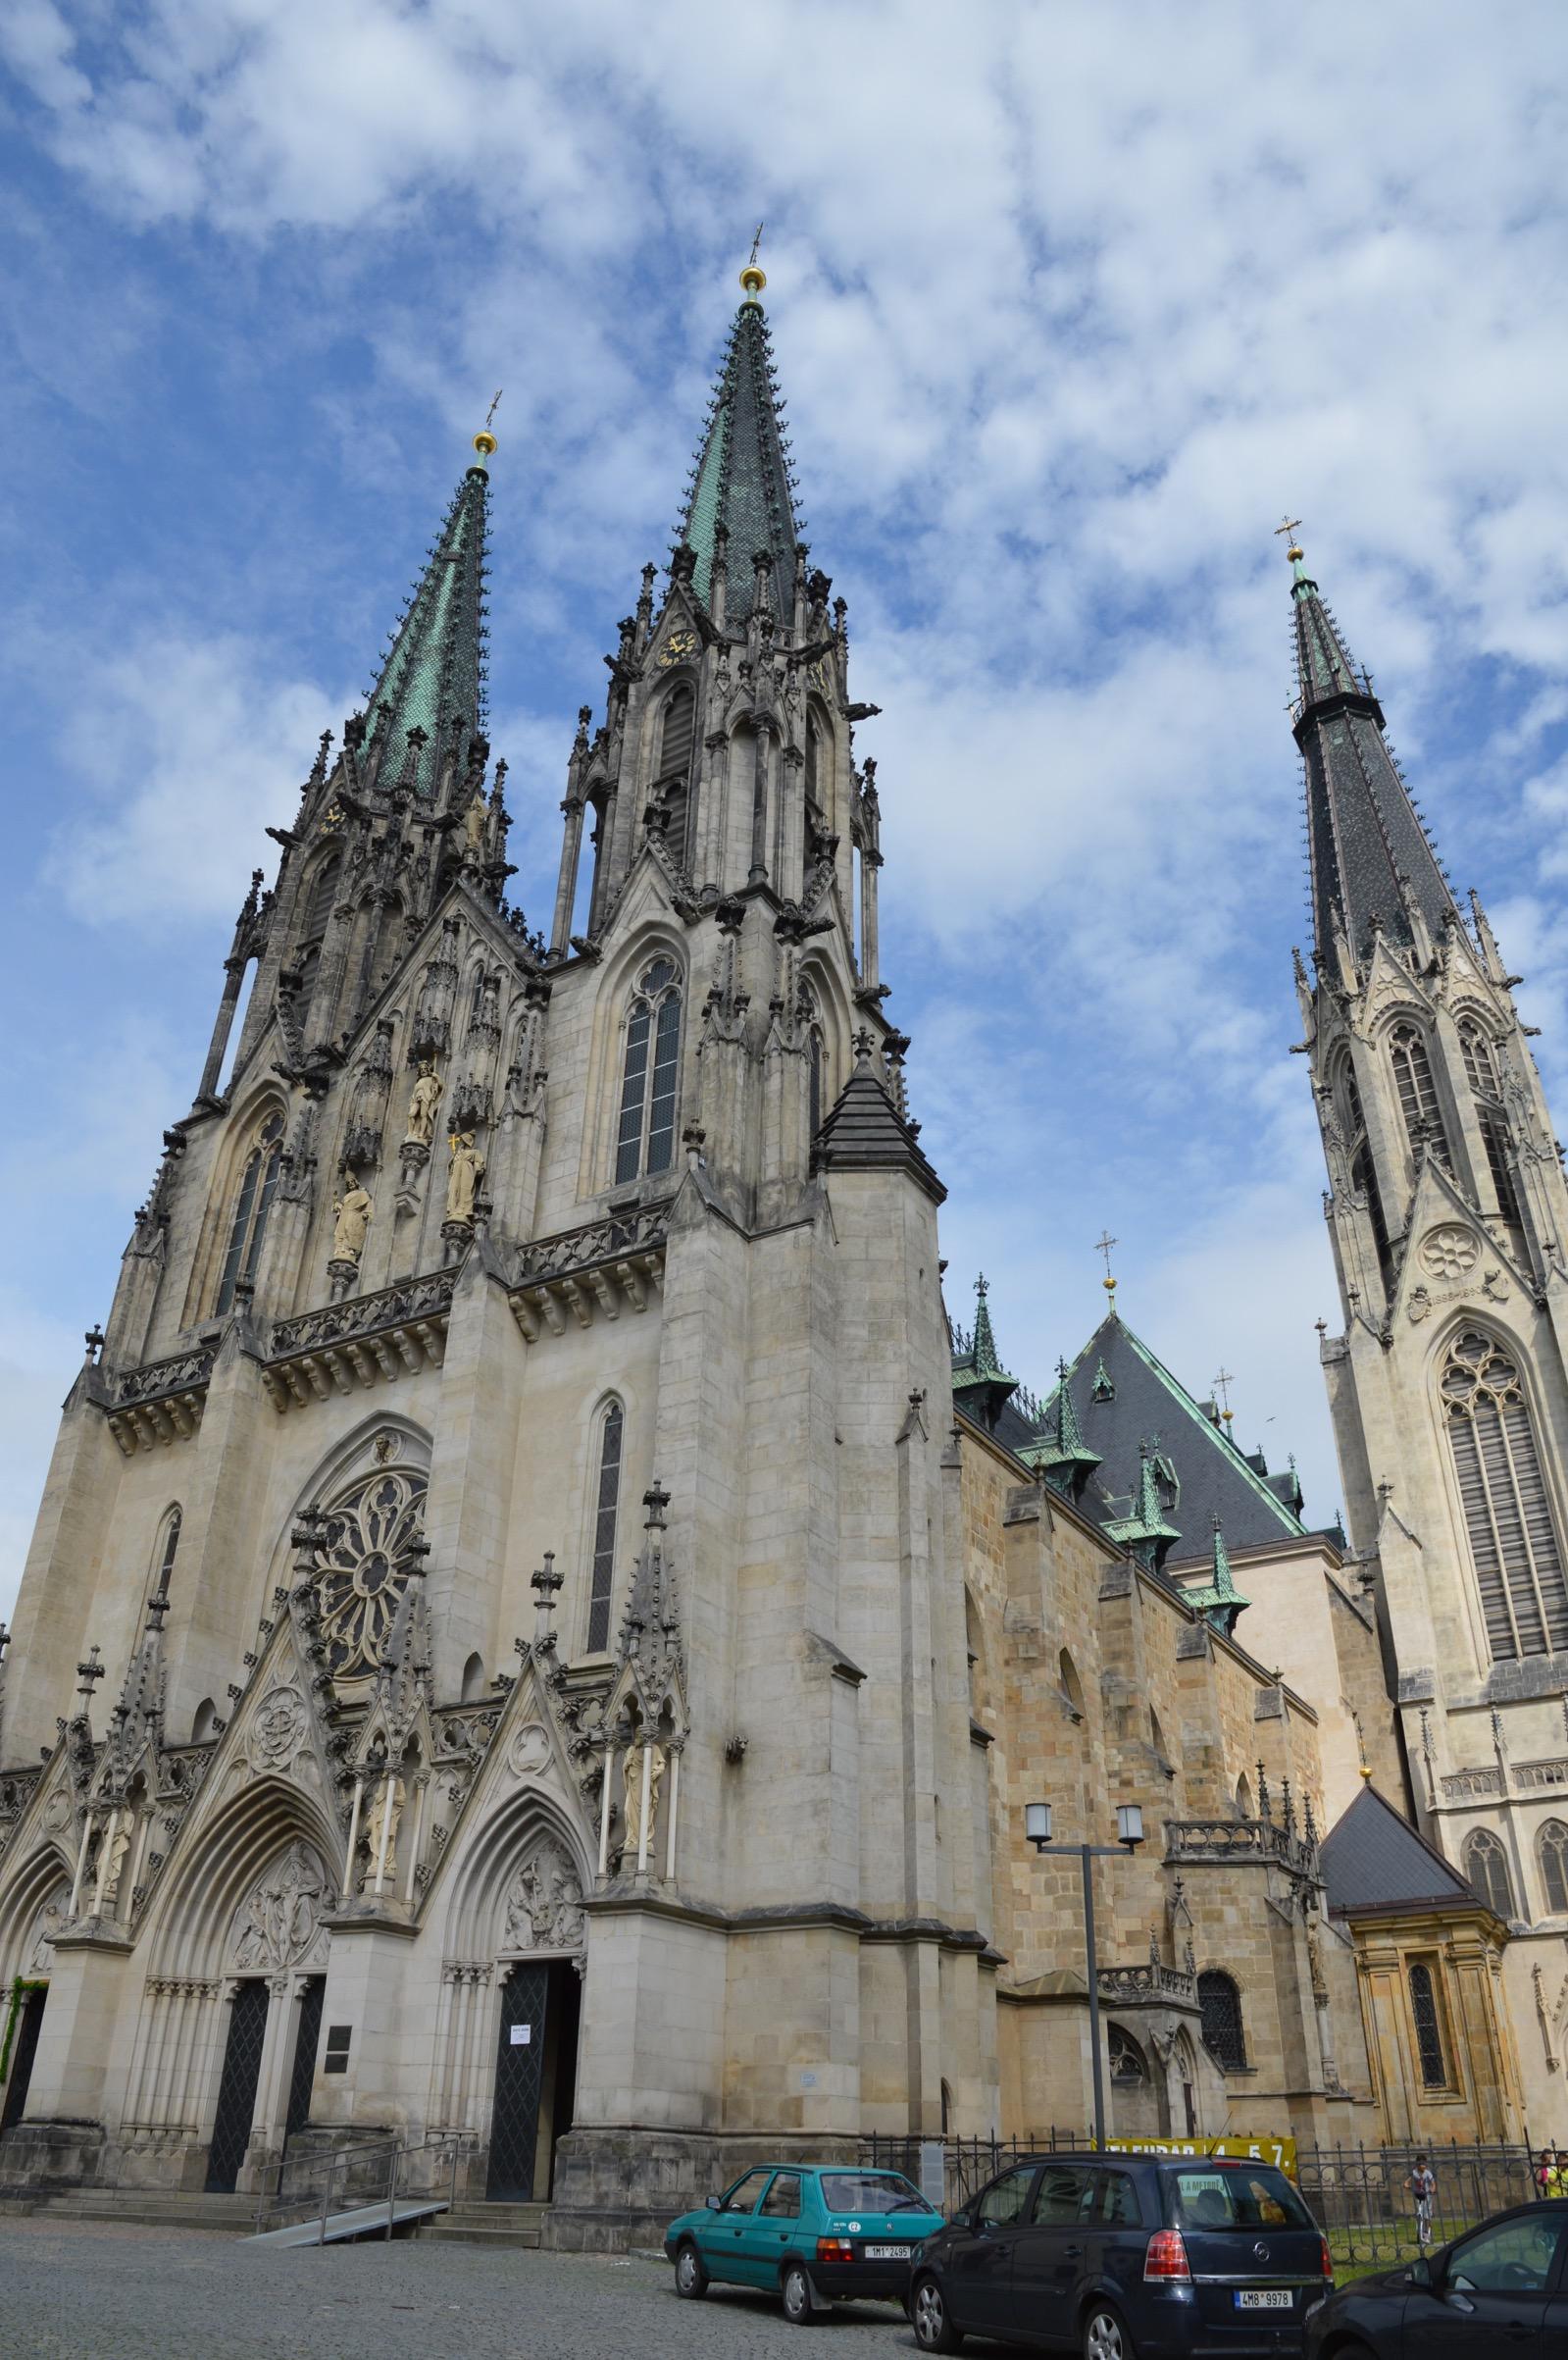 St Wenceslas' Cathedral, Olomouc, Czech Republic